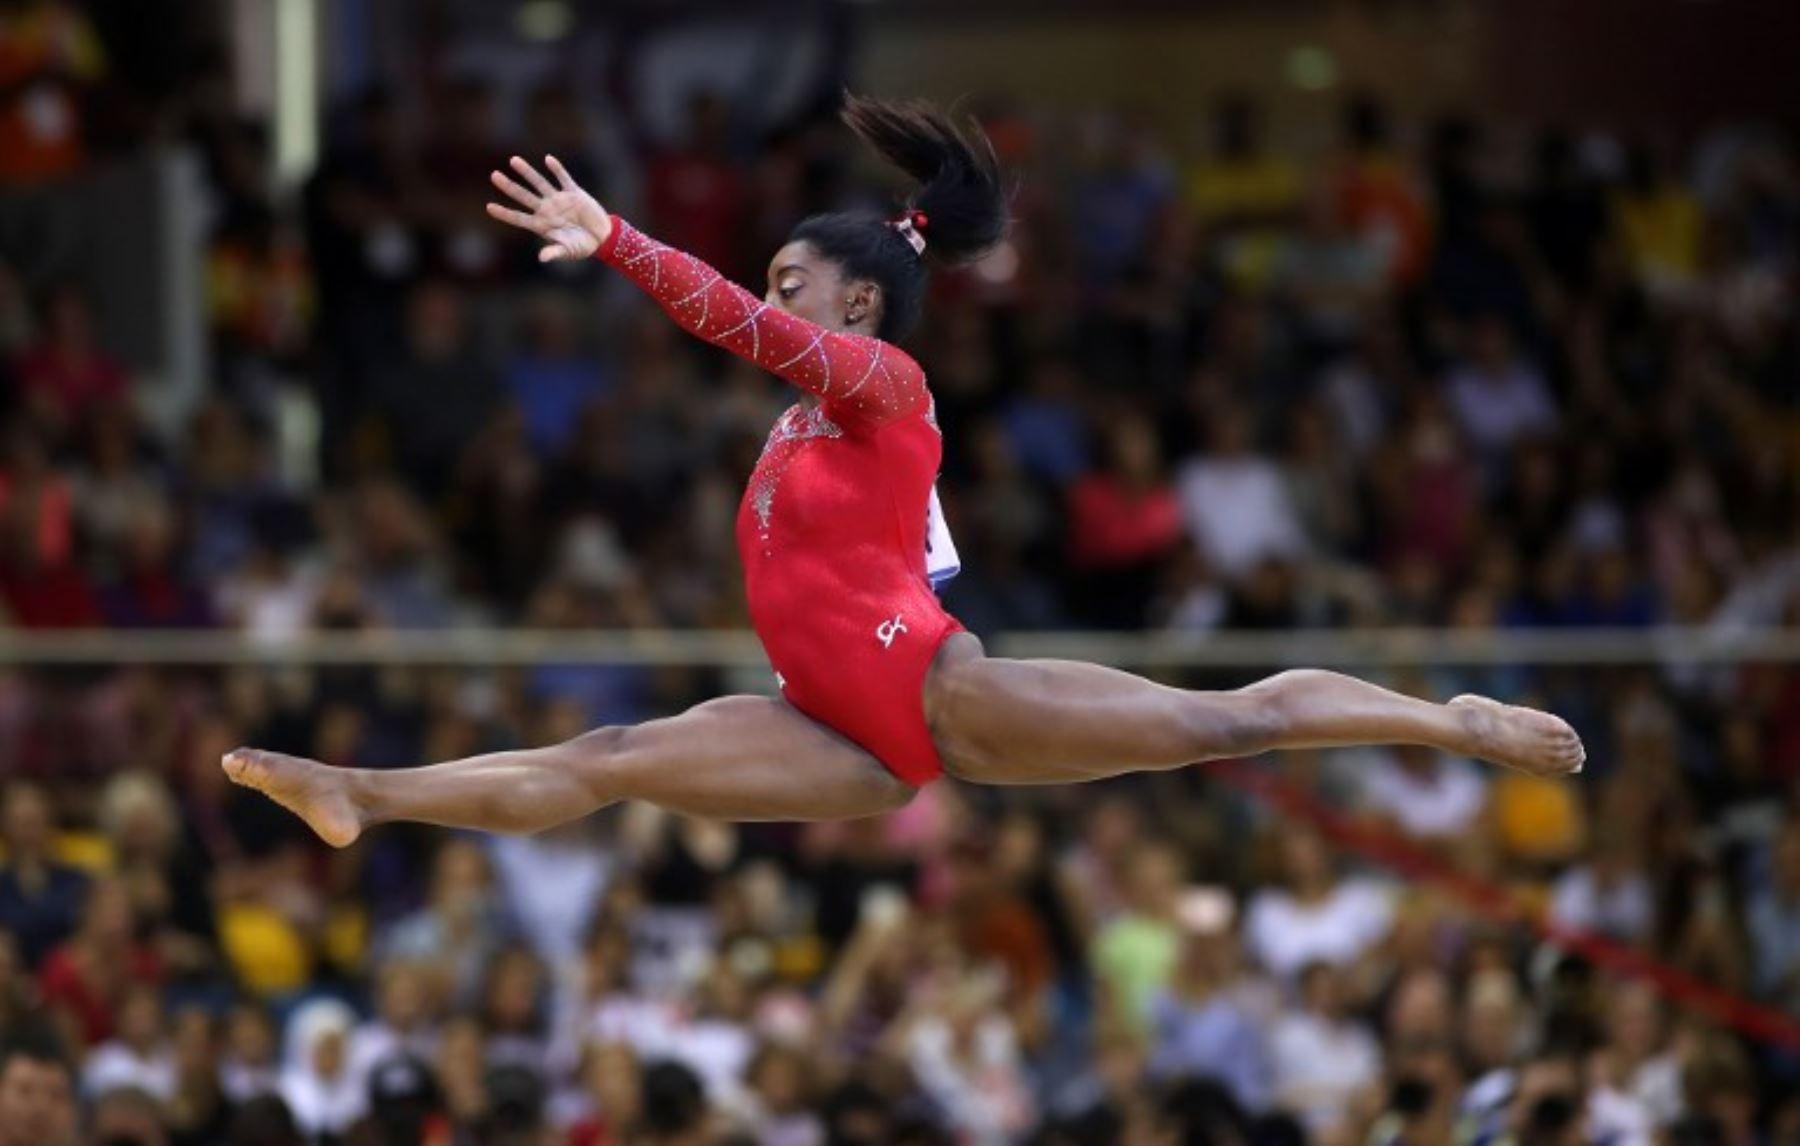 La gimnasia estadounidense fue una de las disciplinas más ganadoras en los últimos Juegos Olímpicos de Río 2016 y hoy pasa penurias.